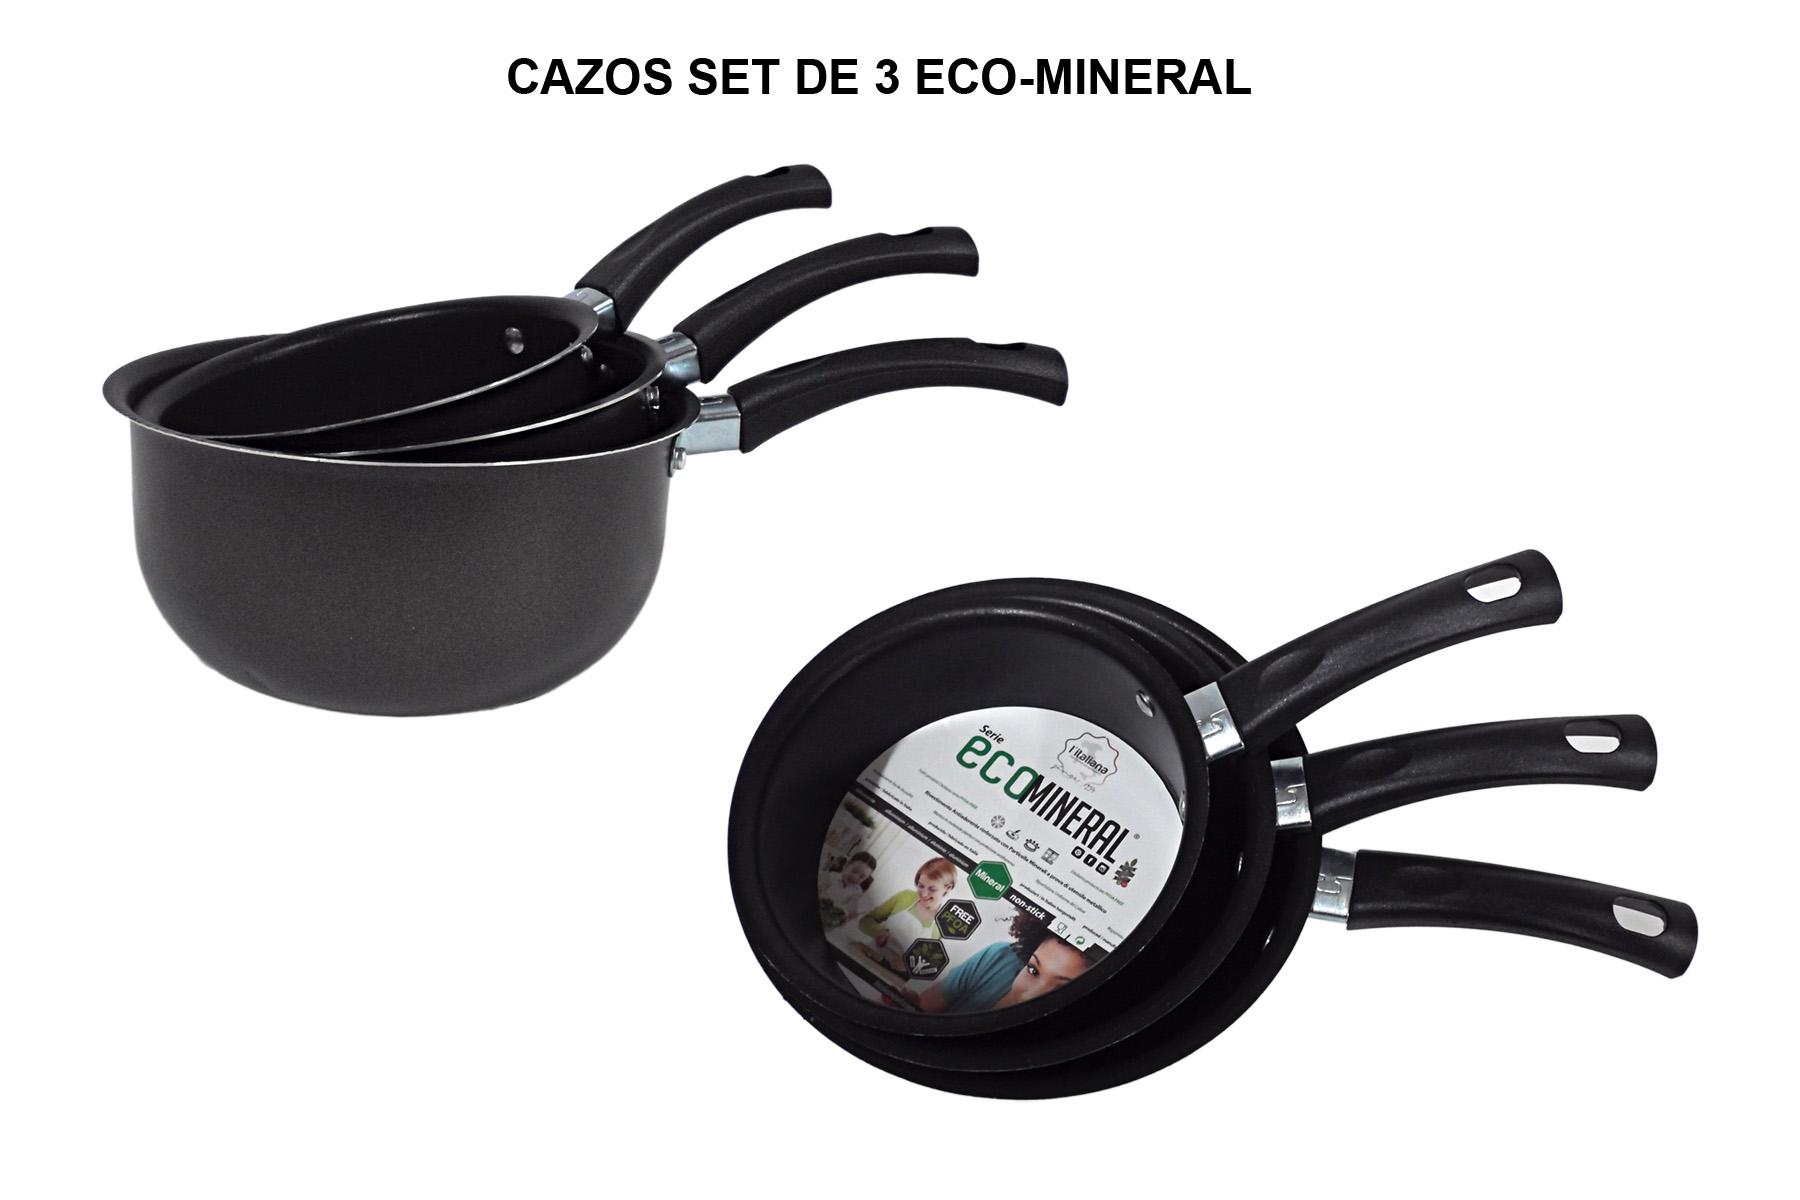 CAZOS SET DE 3 ECO-MINERAL